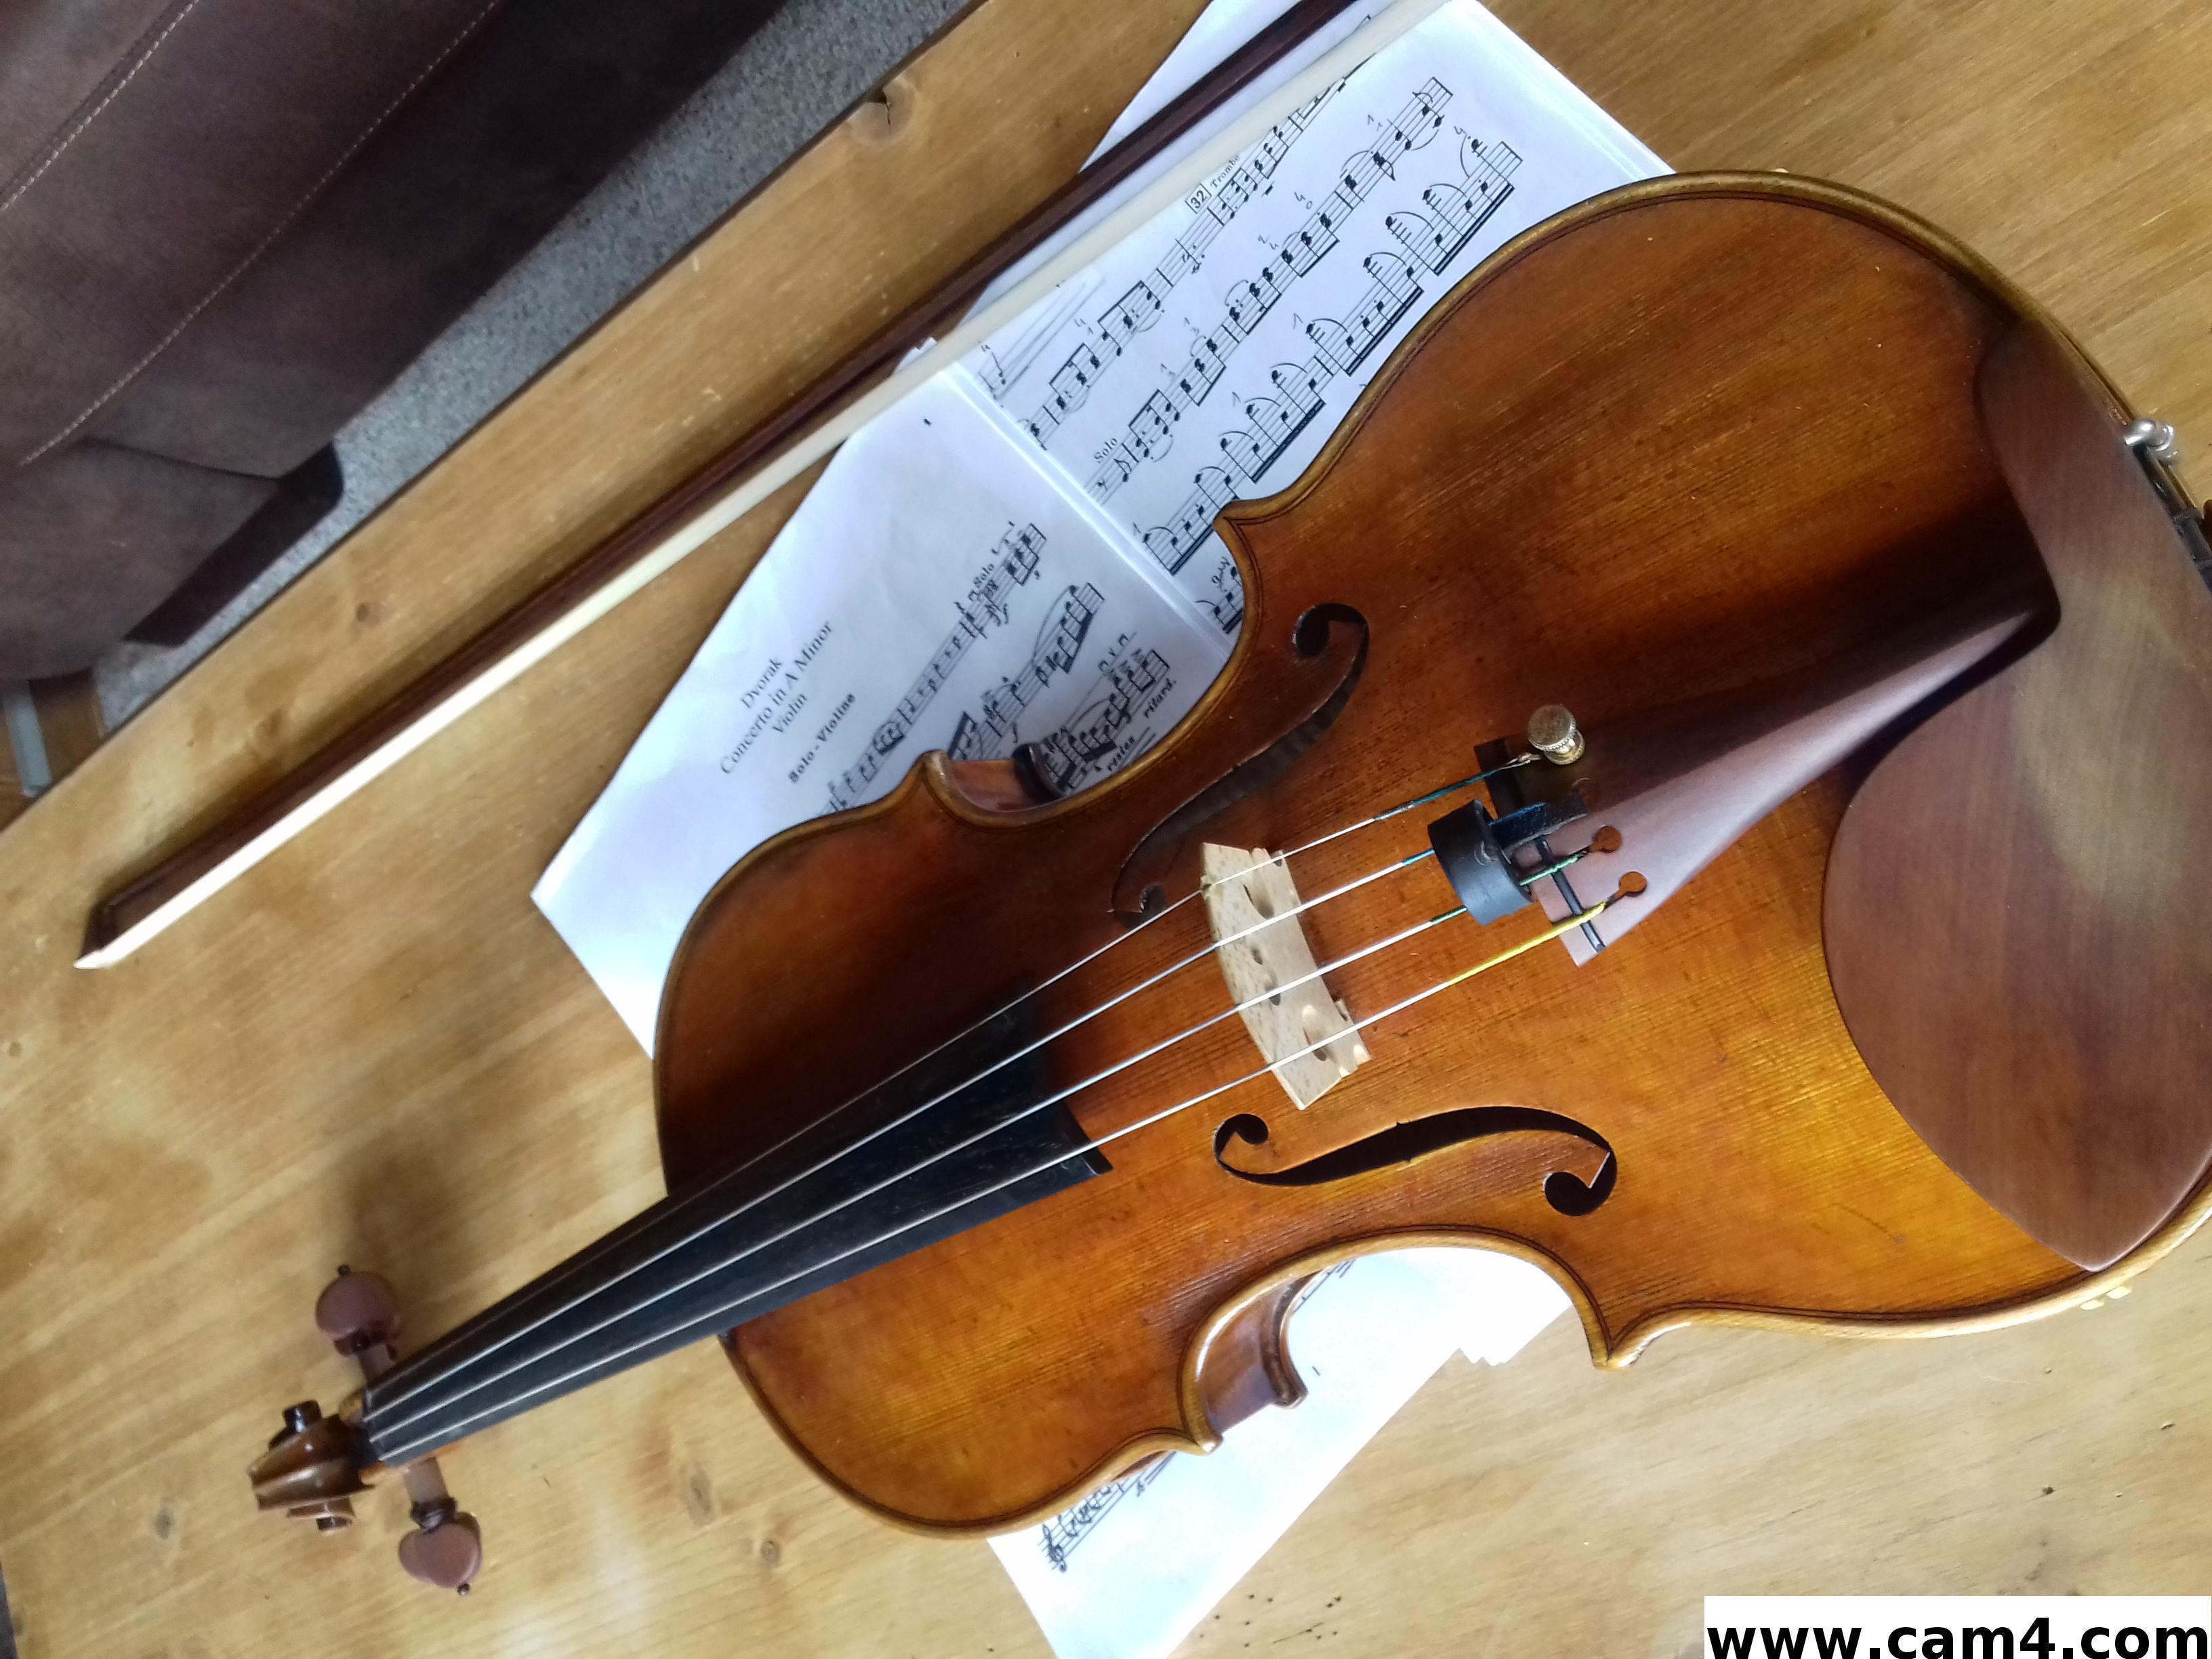 Sinfonietta?s=9at4aclszfite7o+jbakkd12gufxsdwqwn6qs26lrfg=